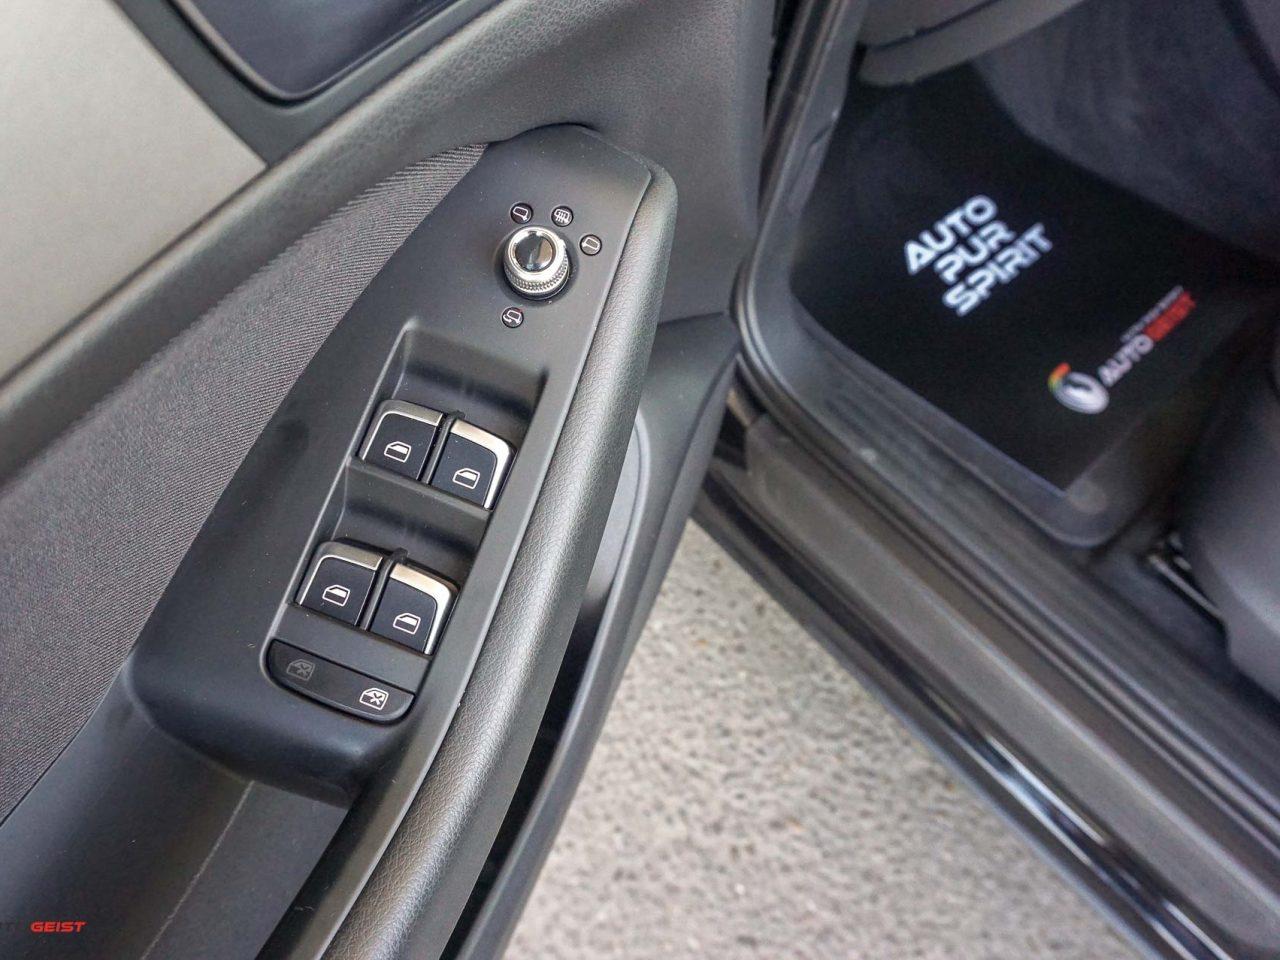 audi-q5-quattro-automat-negru-1019-02349